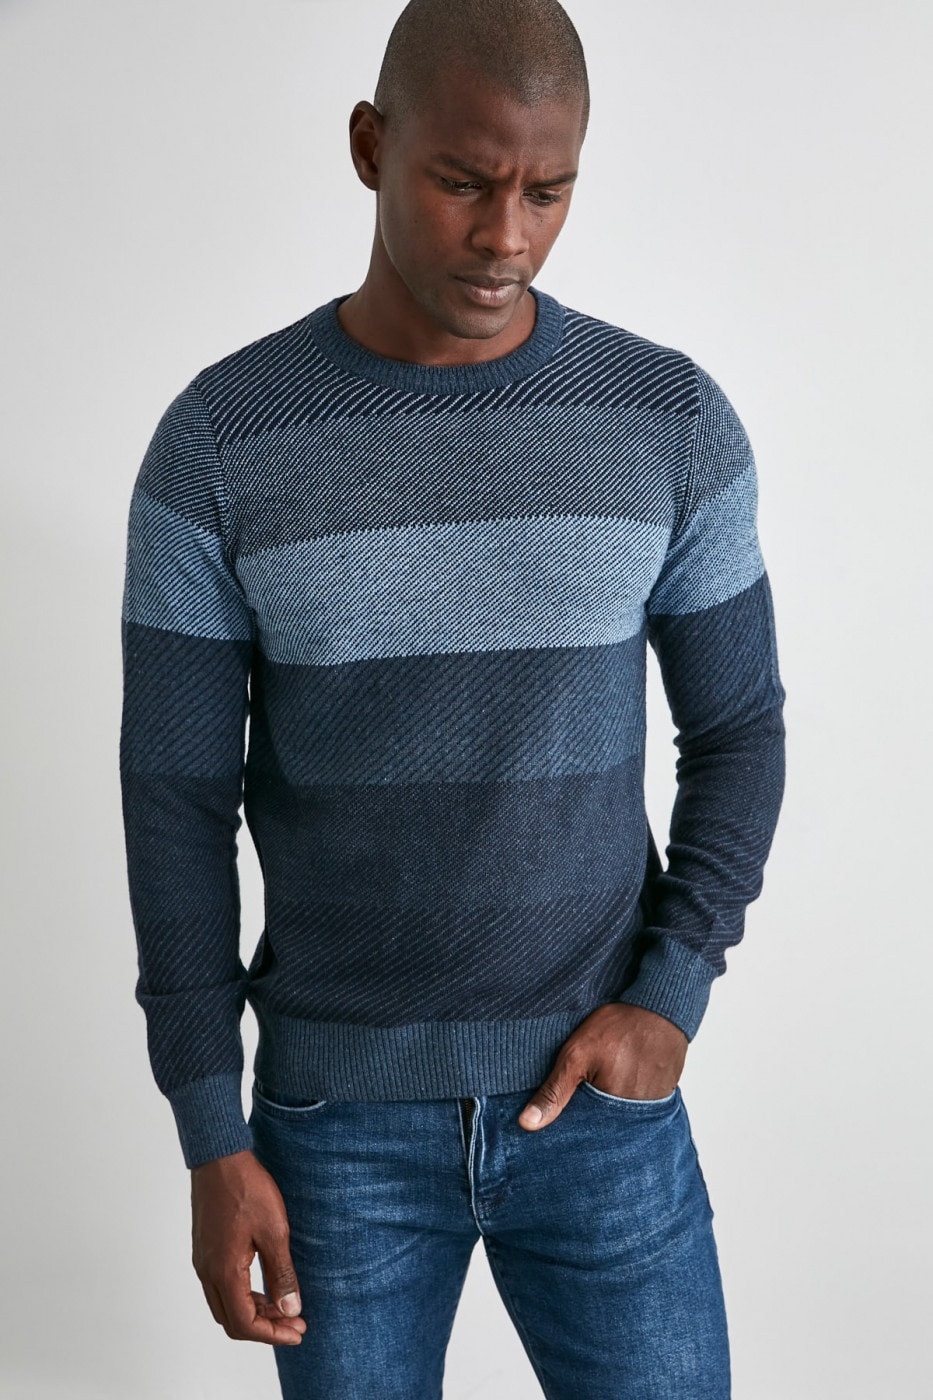 Trendyol Indigo Men's Knitwear Sweater